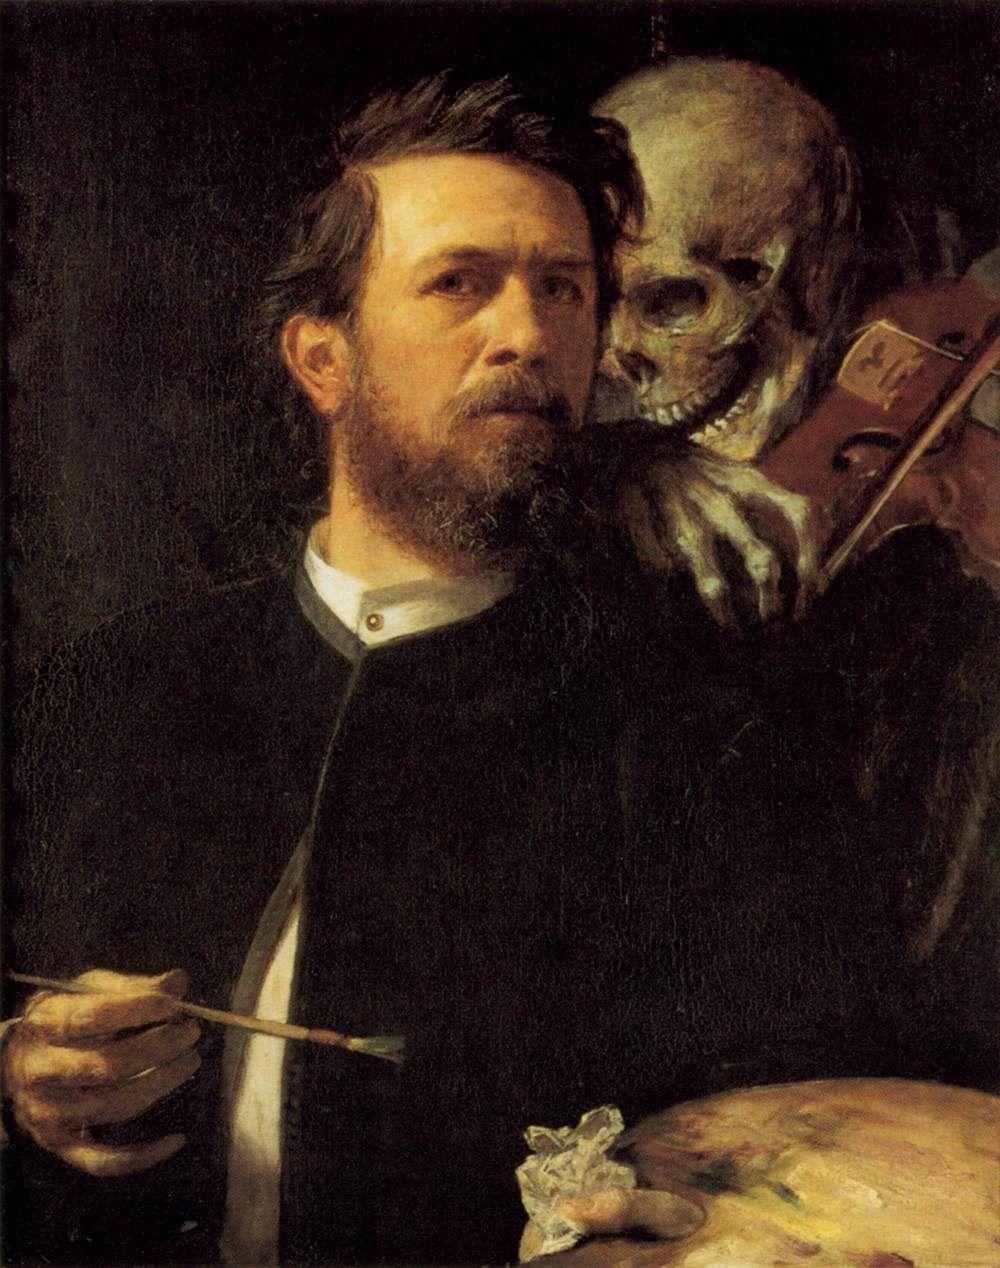 Arnold Böcklin,  Self-Portrait with Death as a Fiddler,  1871-74  Oil on canvas, 75 x 61 cm,  Nationalgalerie, Berlin